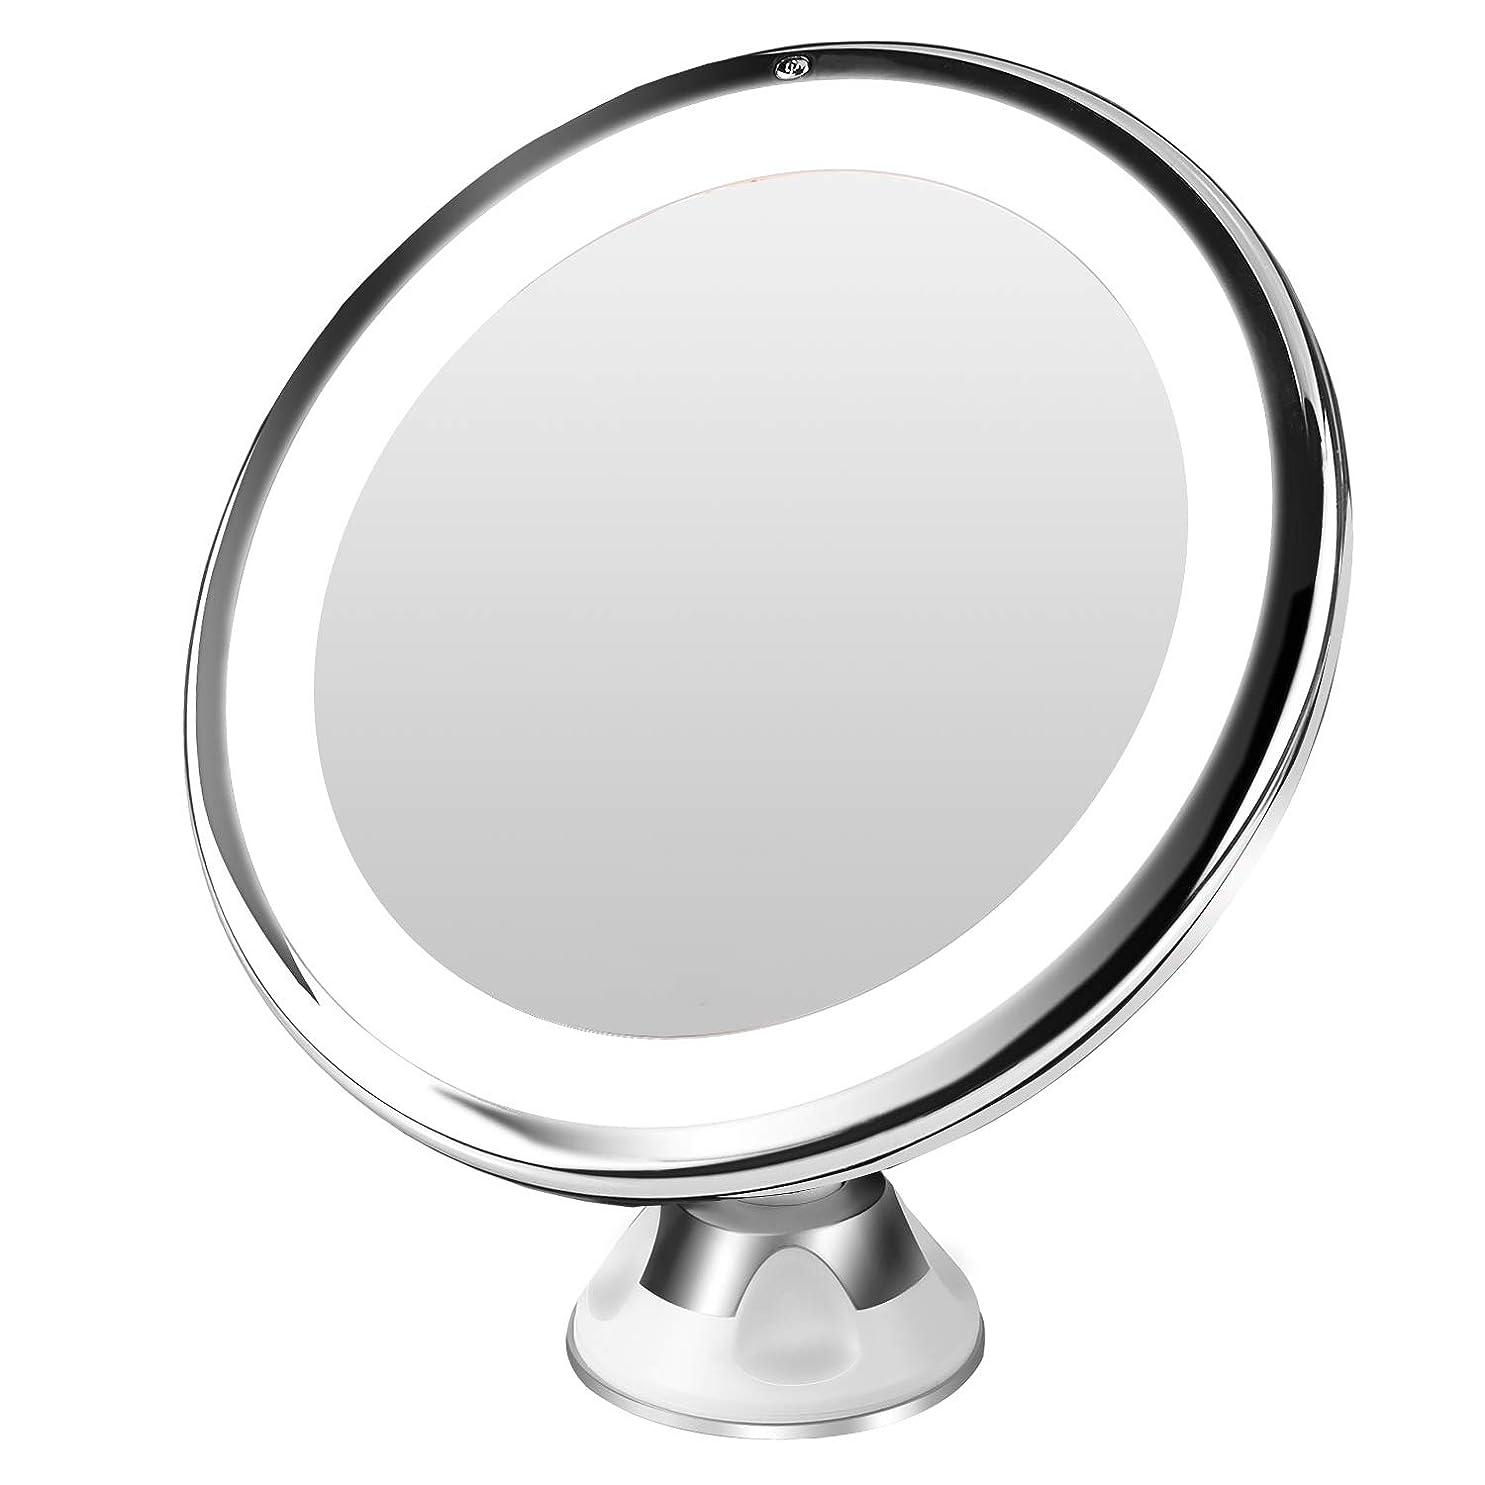 パッケージ速報利点BESTOPE 10倍拡大鏡 LED化粧鏡 浴室鏡 卓上鏡 曇らないミラー 吸盤ロック付きLEDミラー 壁掛けメイクミラー 360度回転スタンドミラー 単四電池&USB給電(改良版)